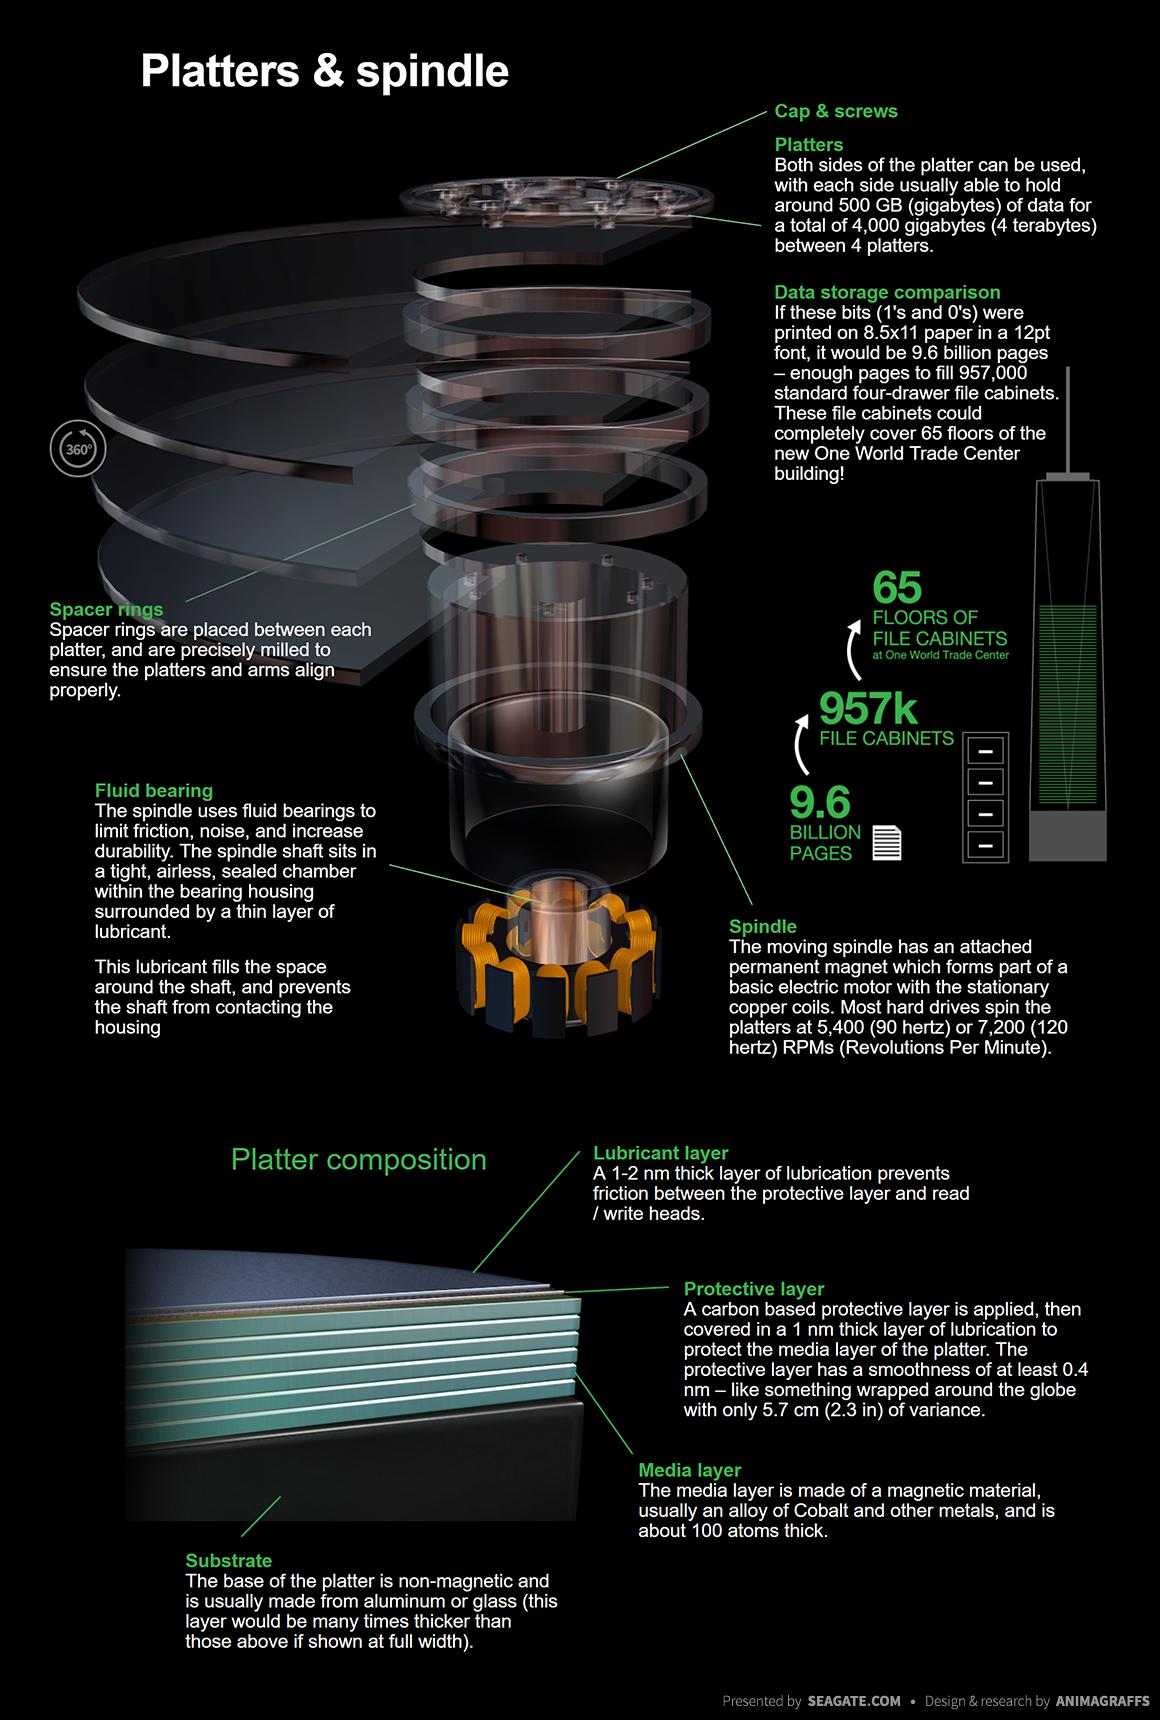 How Hard Disk Drives Work Animagraffs